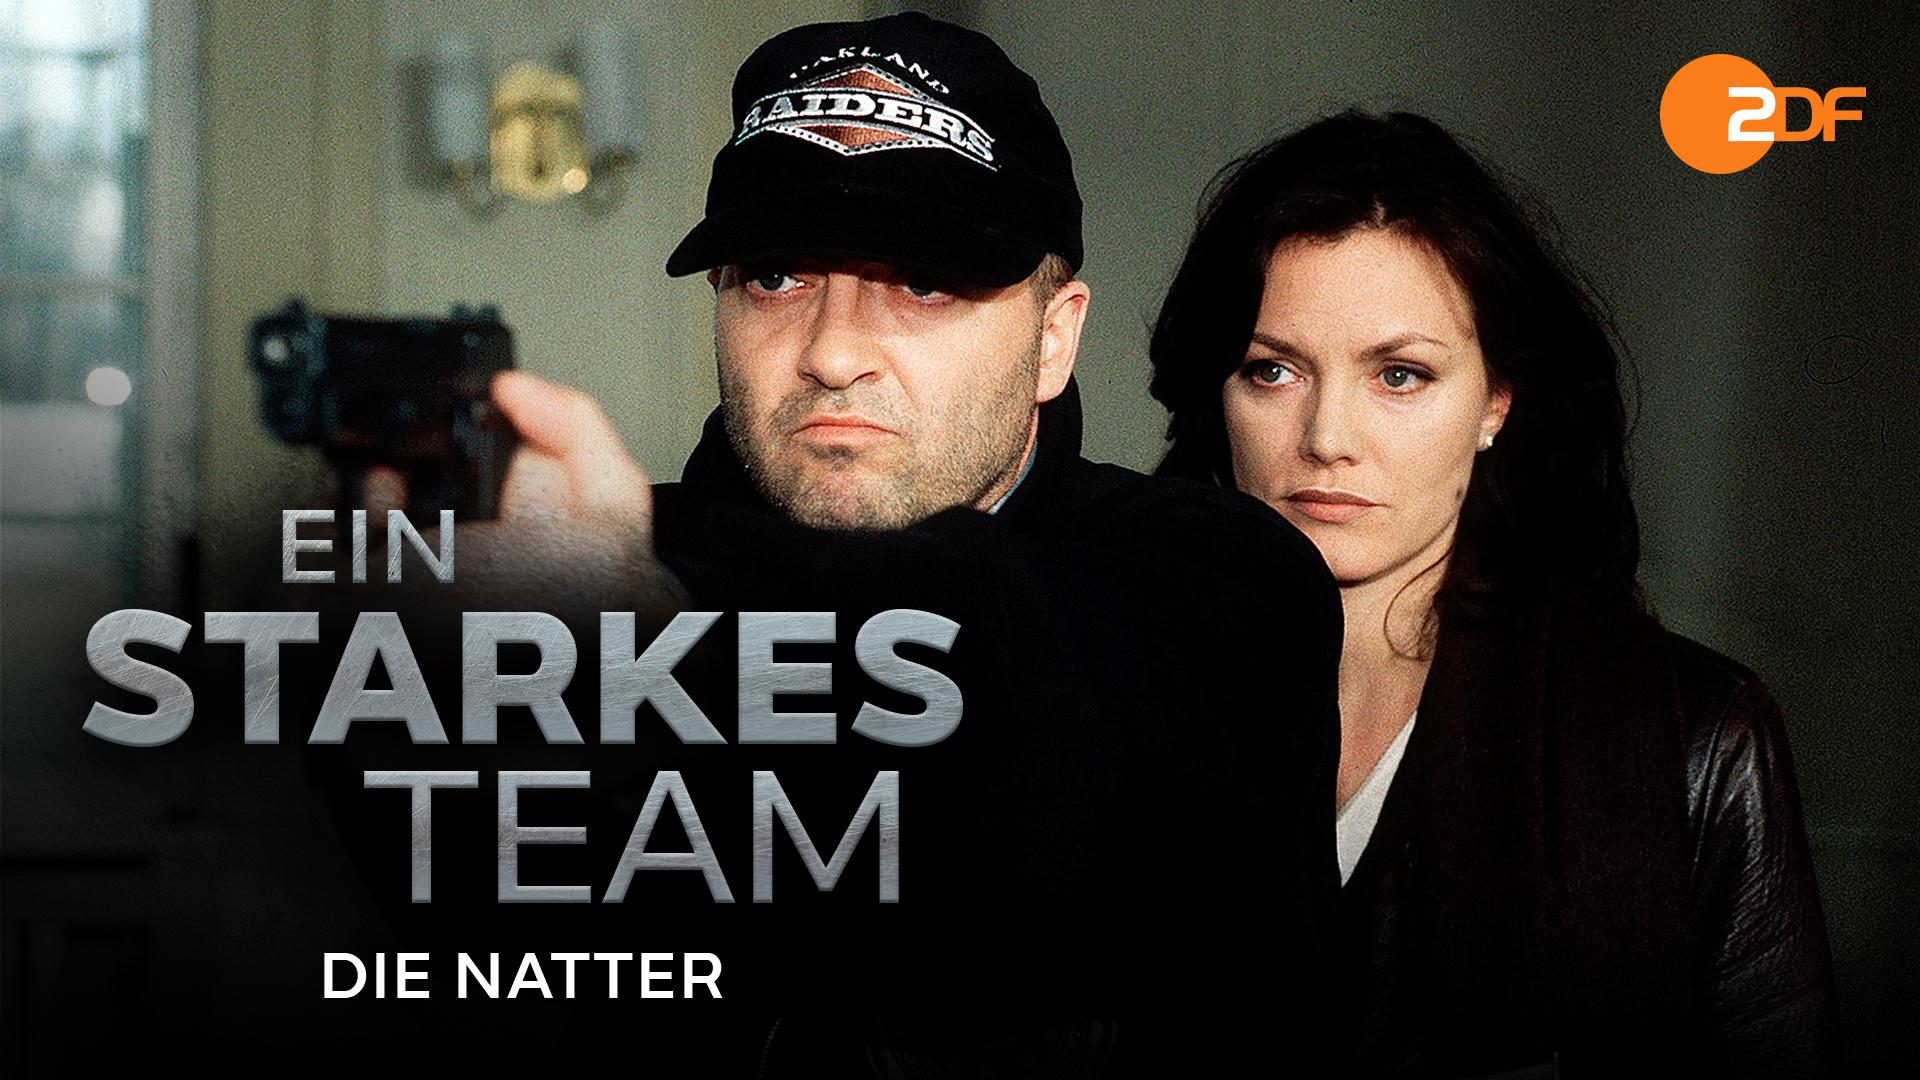 Ein starkes Team - Die Natter